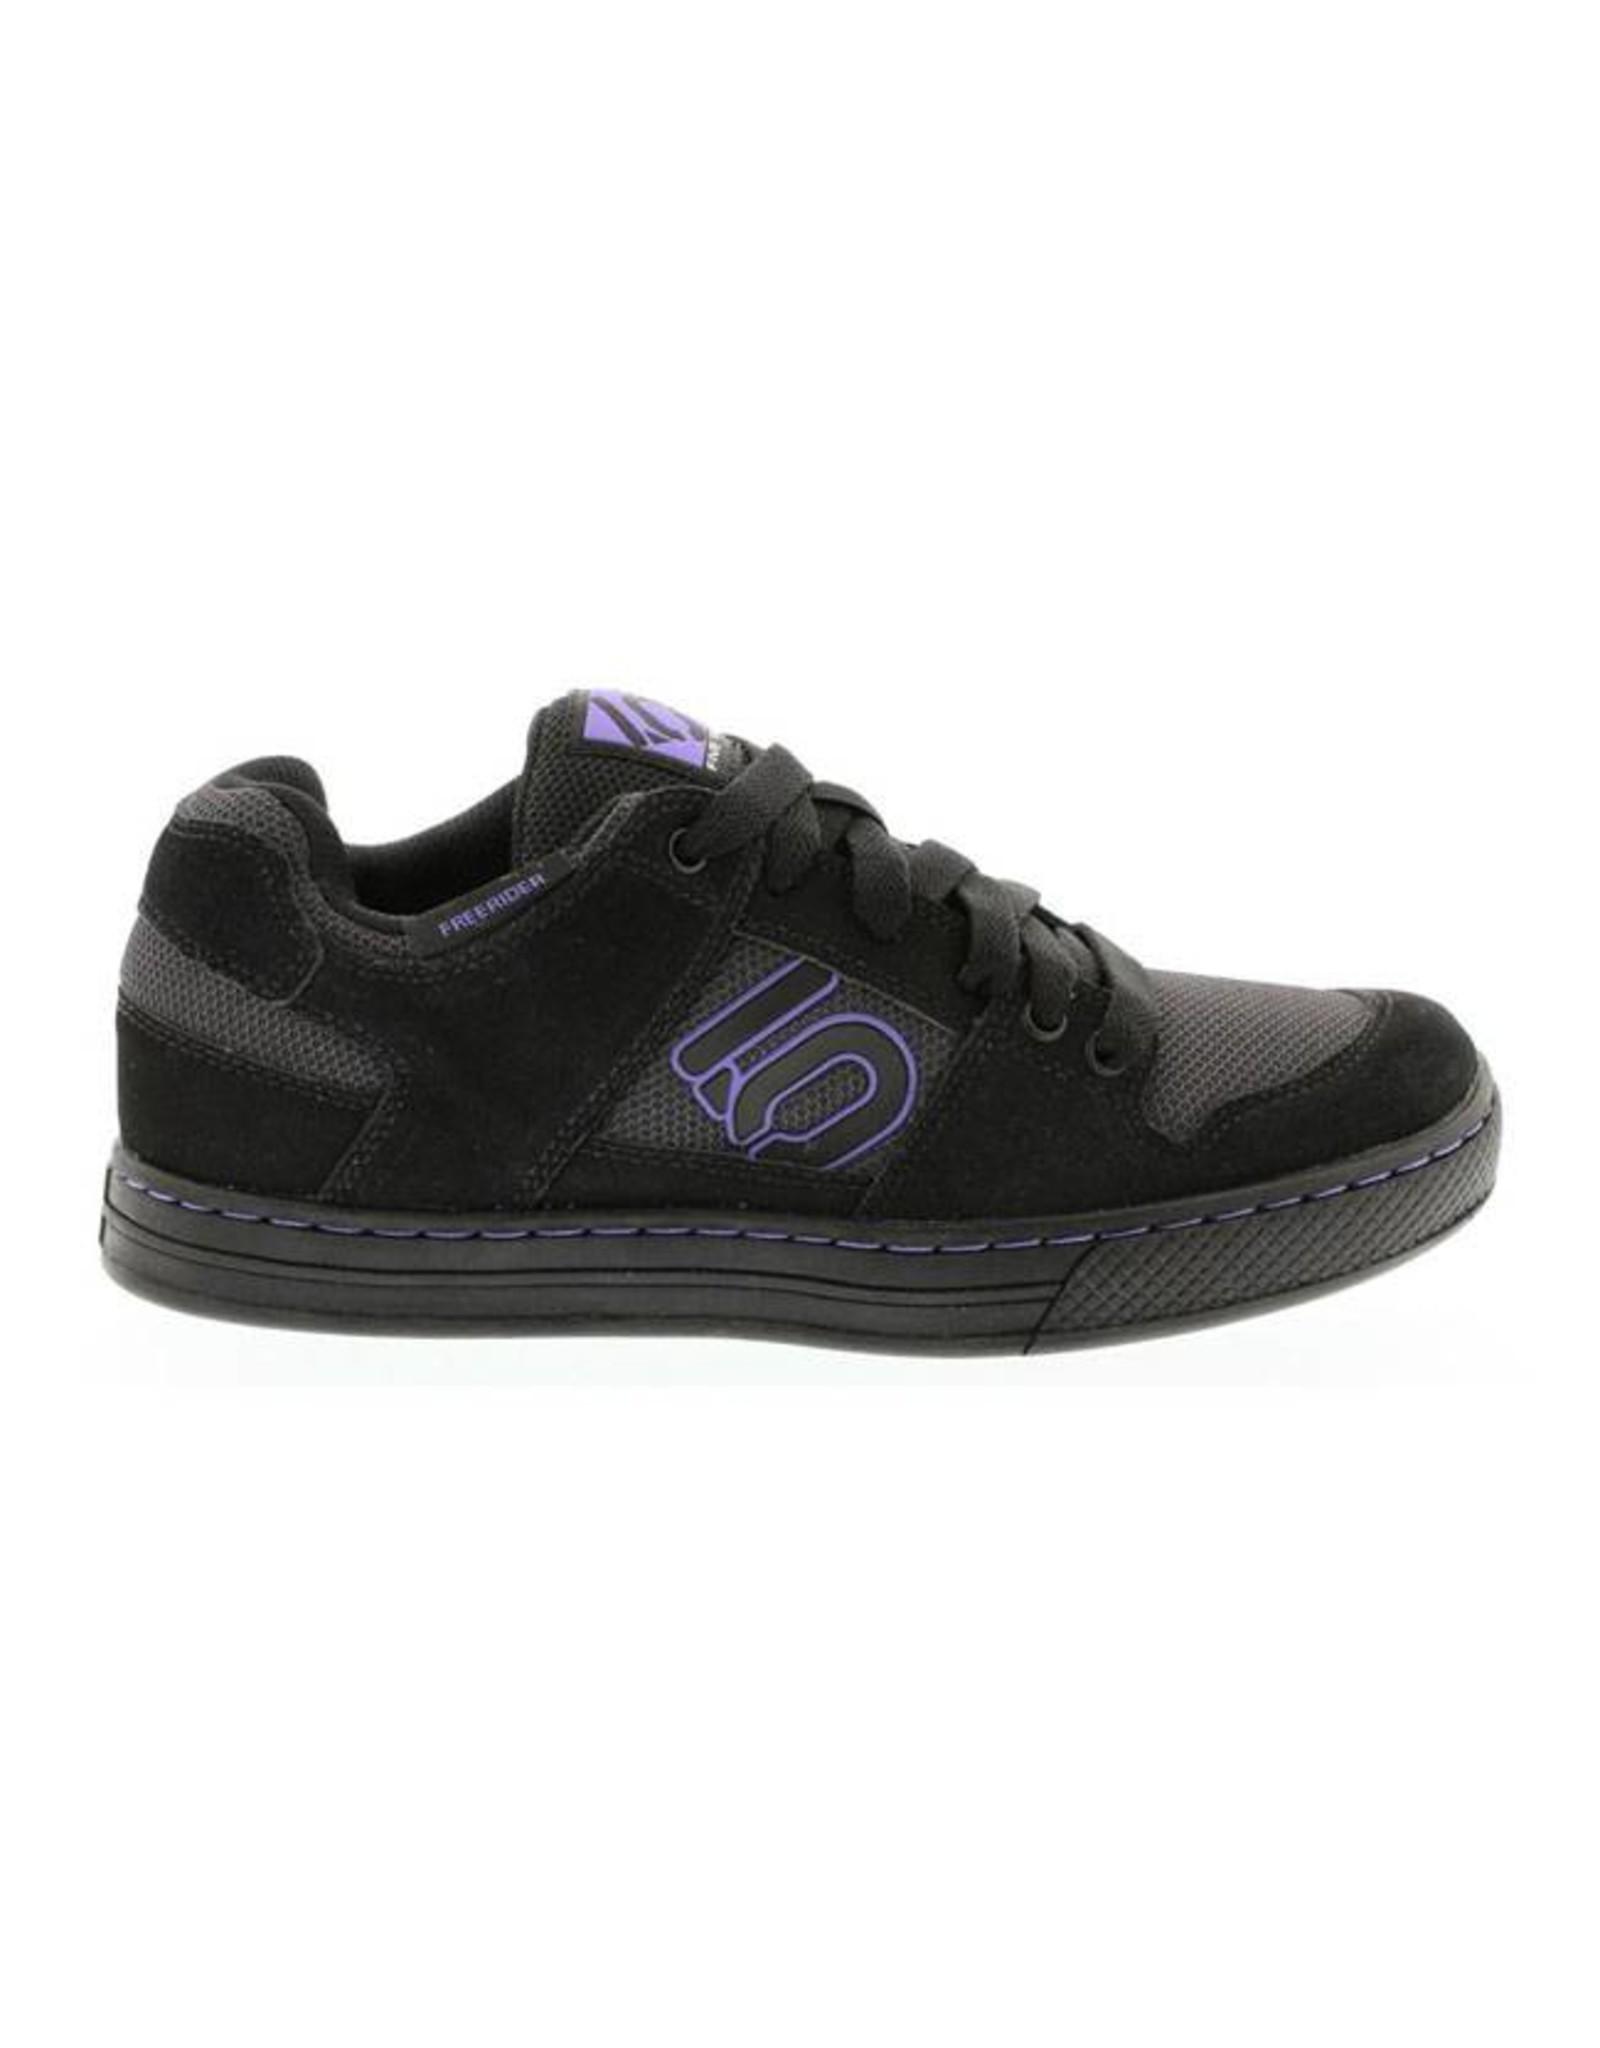 Five Ten Five Ten Freerider Women's Flat Pedal Shoe: Black/Purple 7